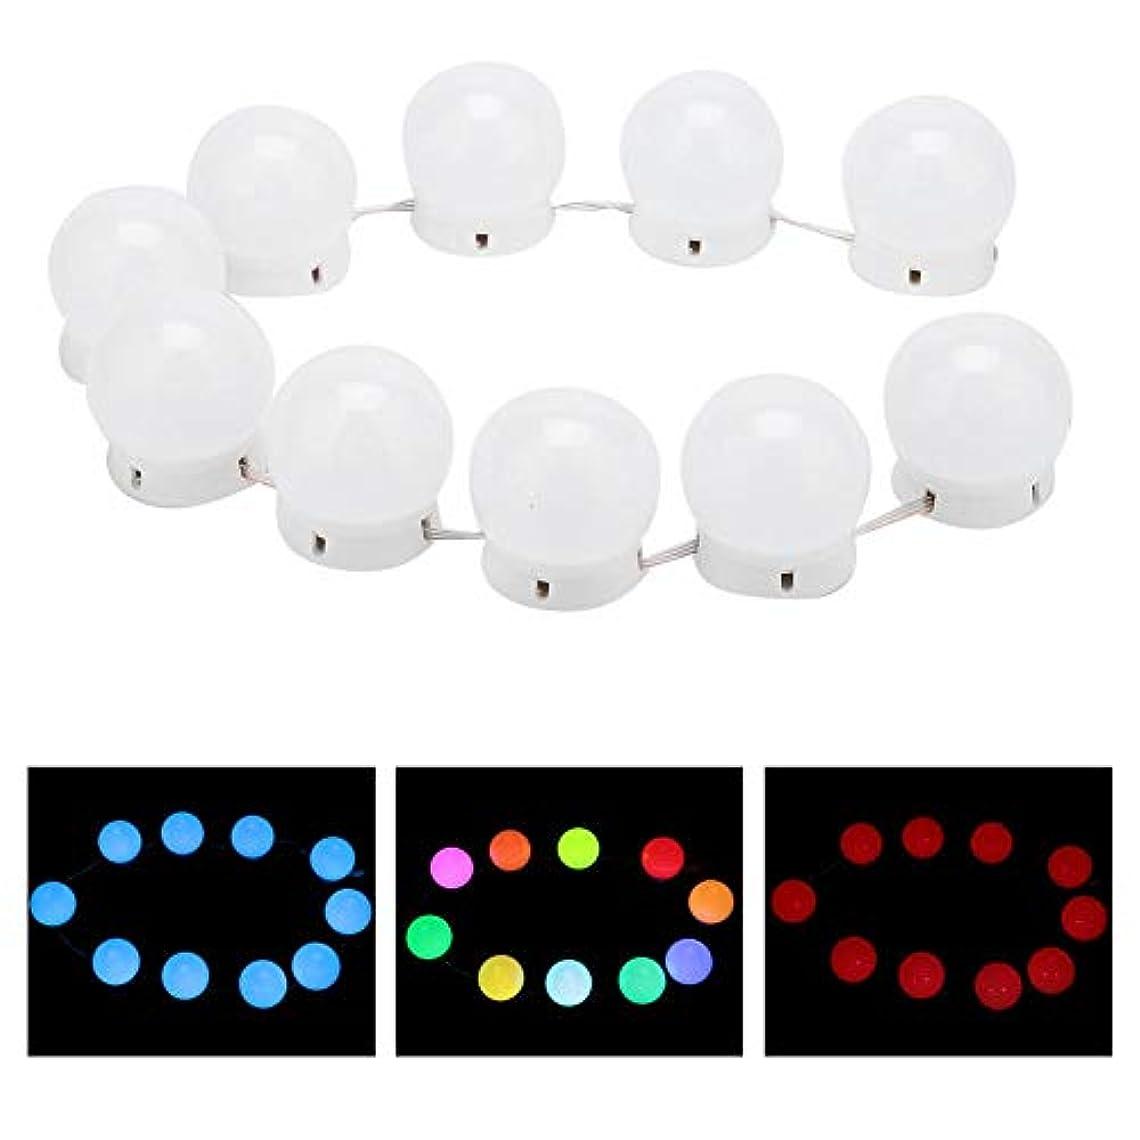 上に法的マダム化粧鏡ラ??イトキット 10 LED付き調 光ライトストリング電球バニティライト化粧鏡に最適 バスルームの照明